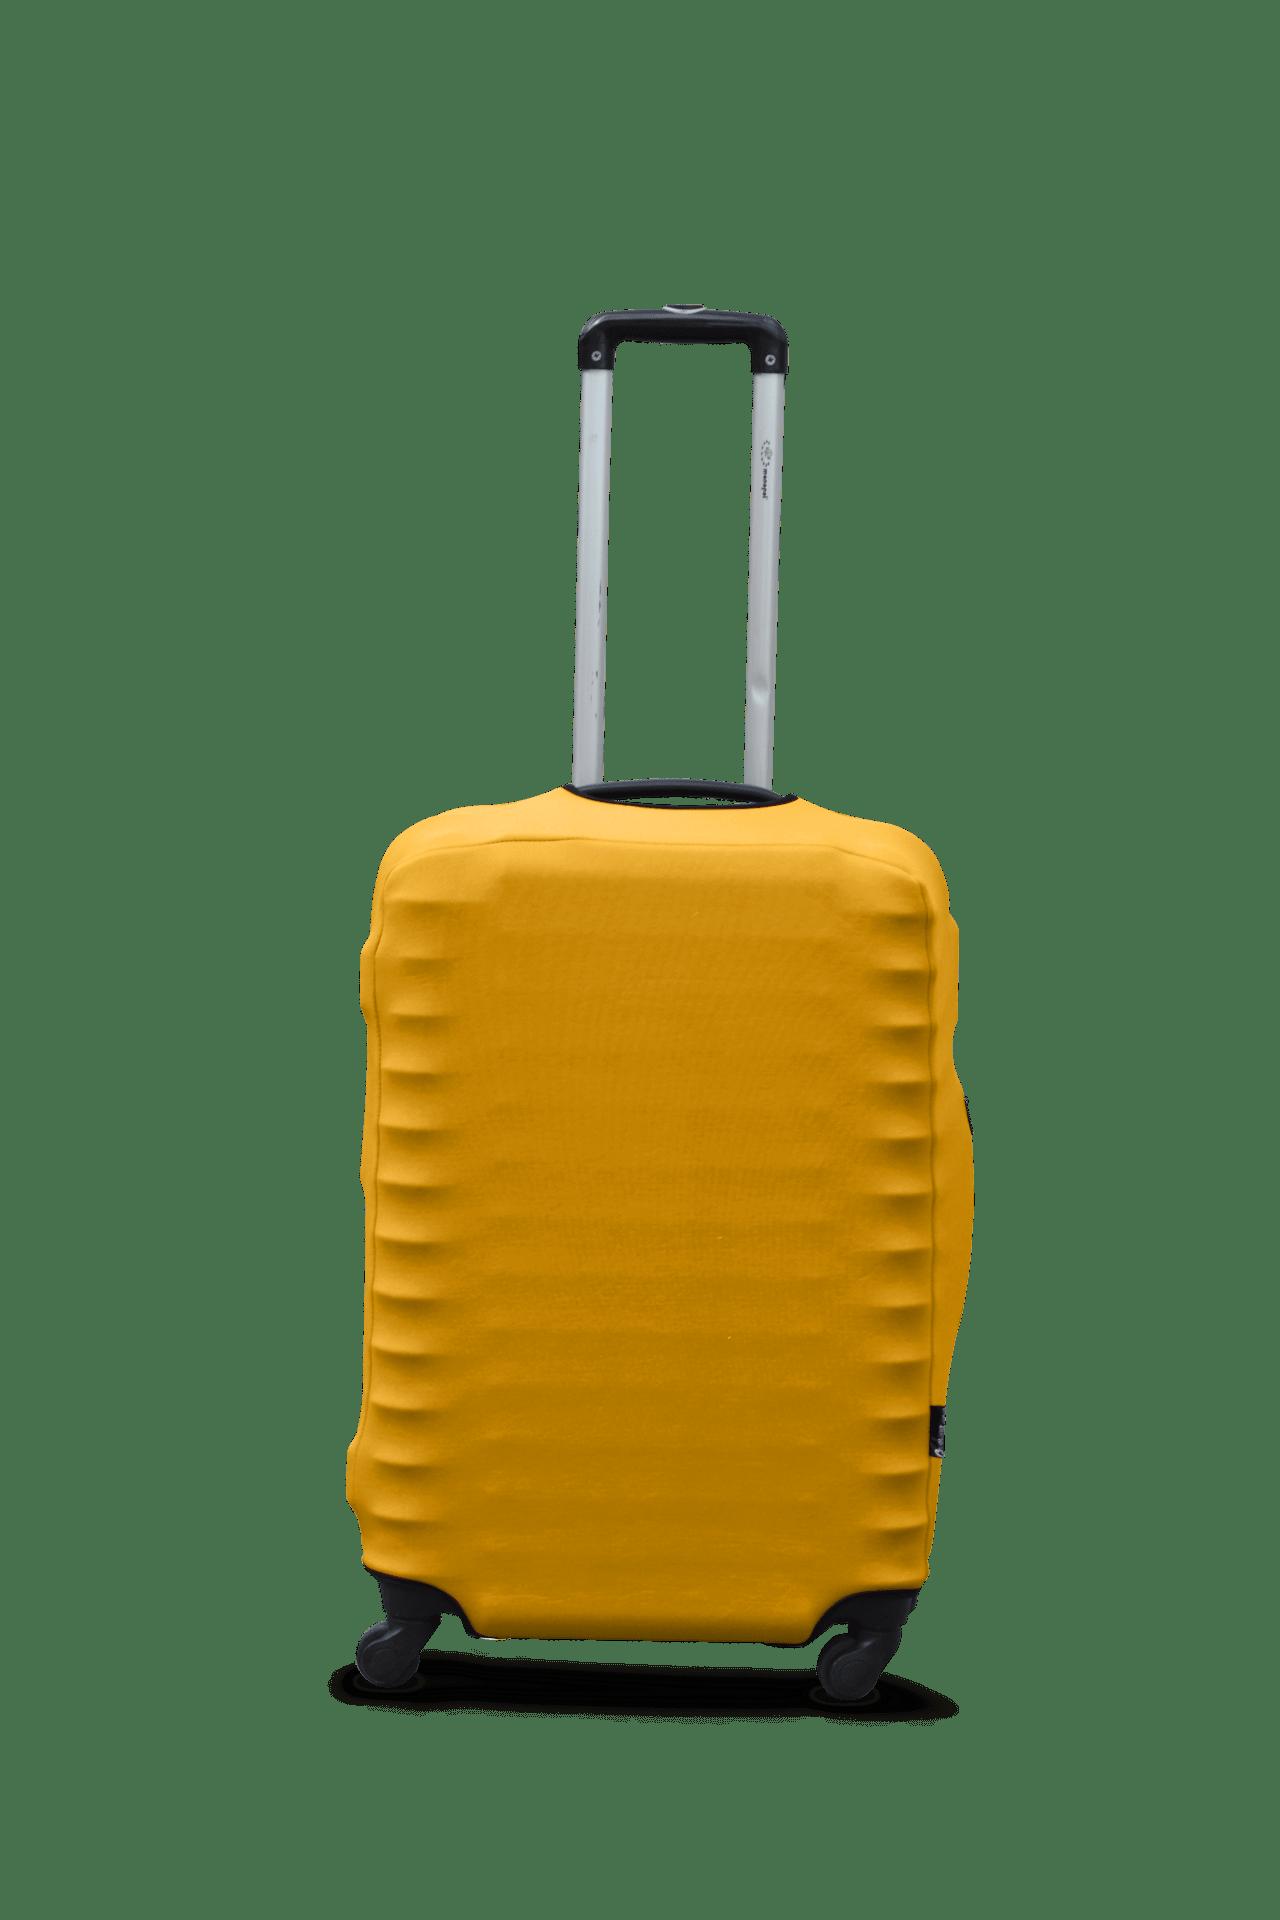 Husa pentru valiza daiving Cover DAWING S YELLOW